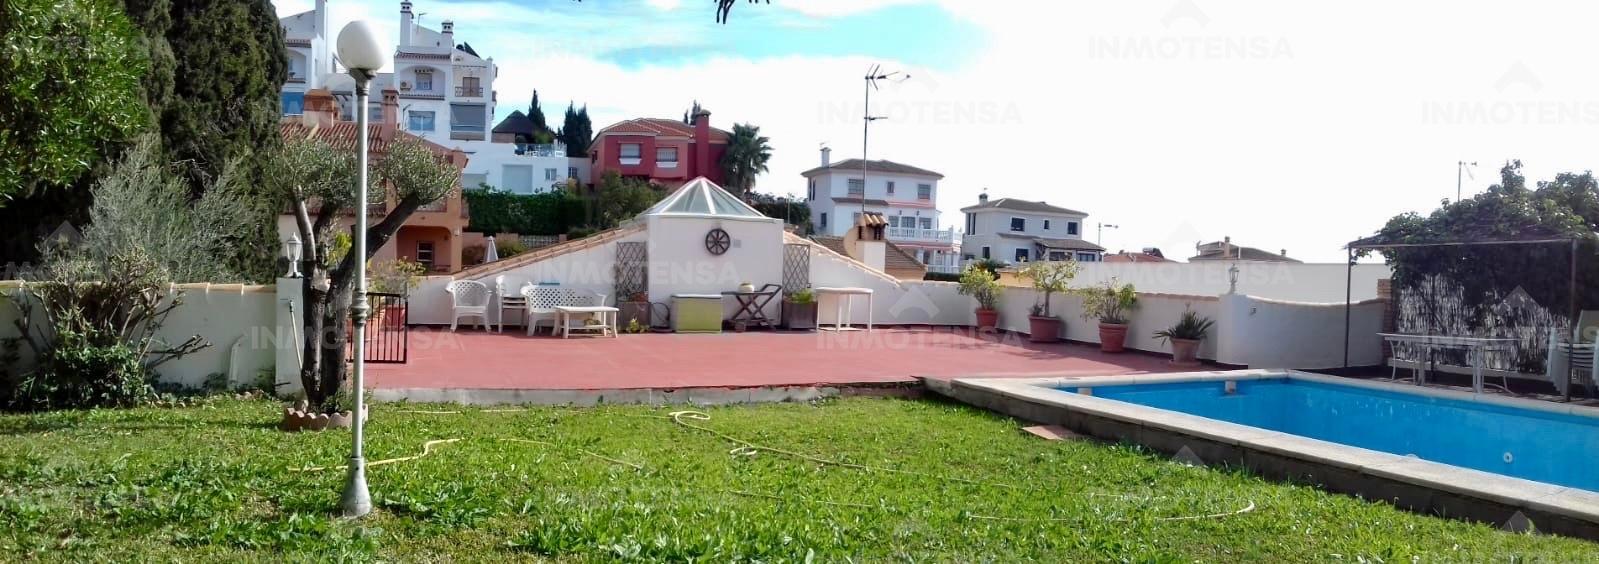 Chalet independiente en la costa de Málaga, en La Cala del Moral.